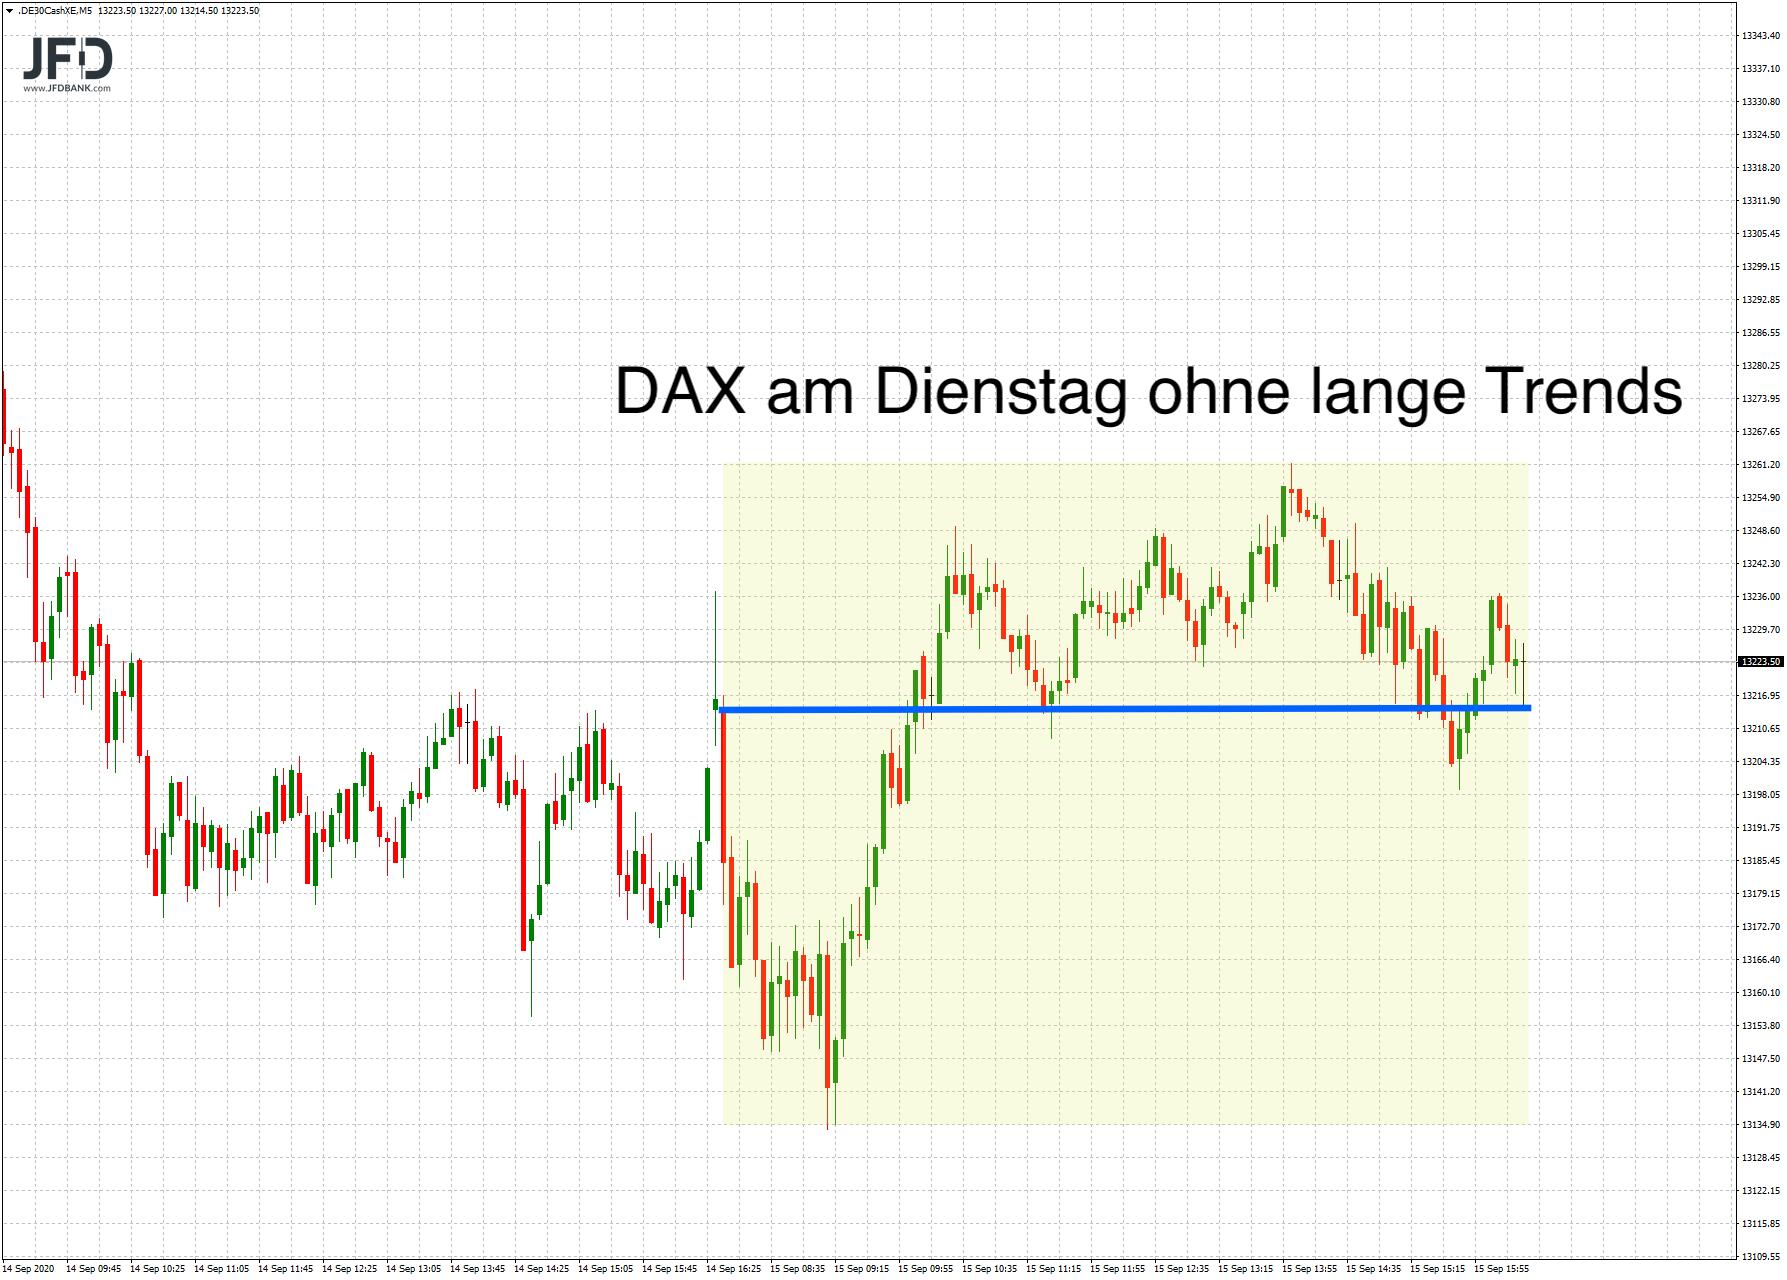 DAX-Vola am Dienstag rückläufig